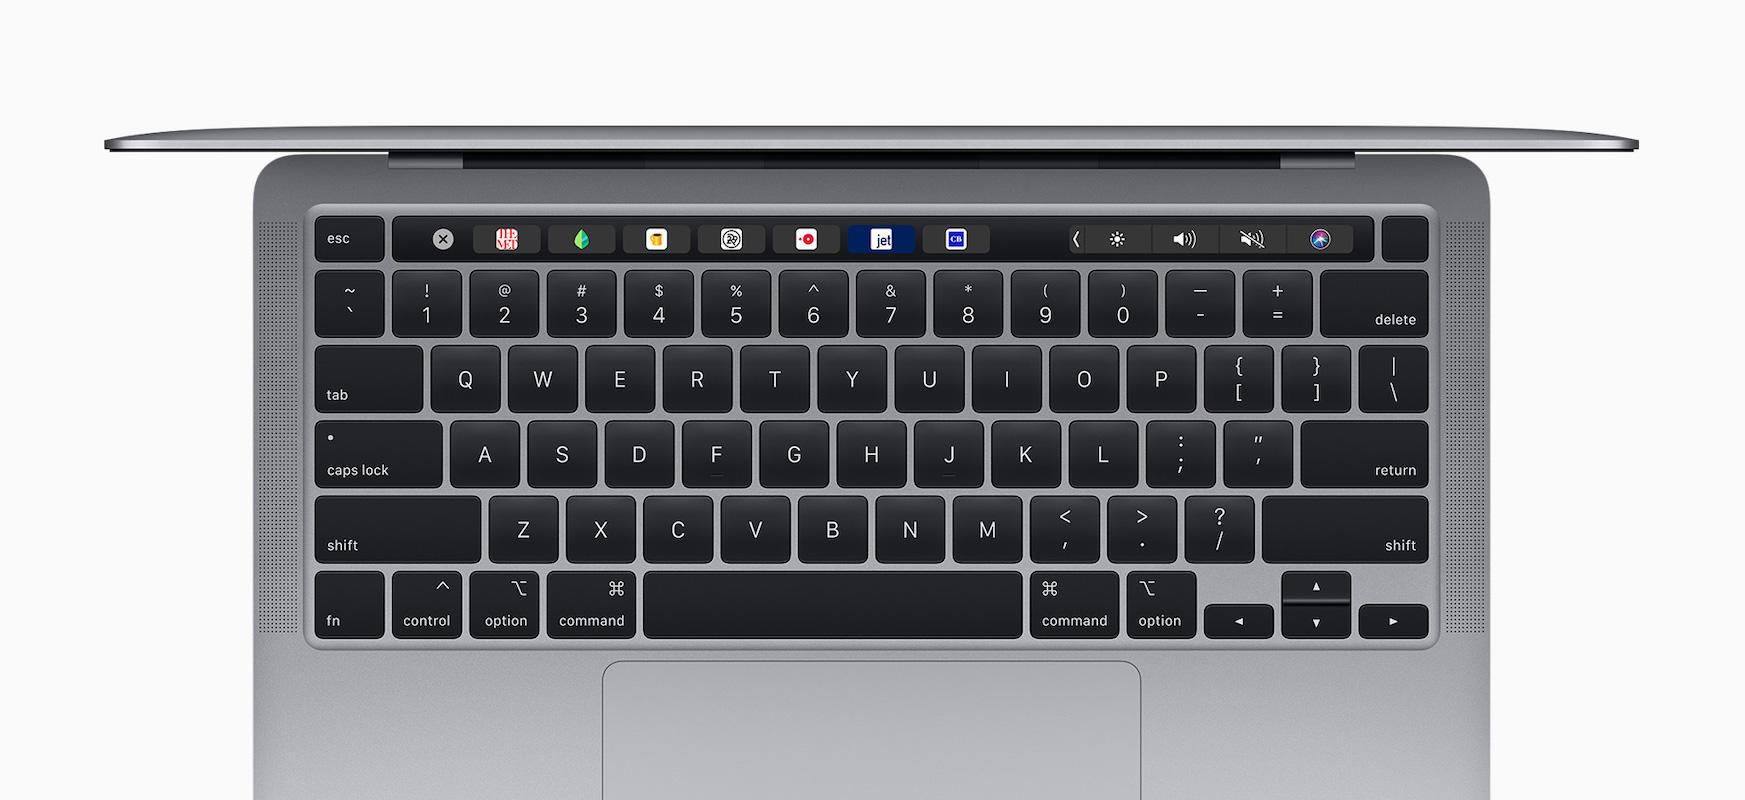 Apple diskoen bolumena bikoiztu duela dio, baina benetan MacBook Proren prezioa lasai igo zuen PLN 1.000ren arabera